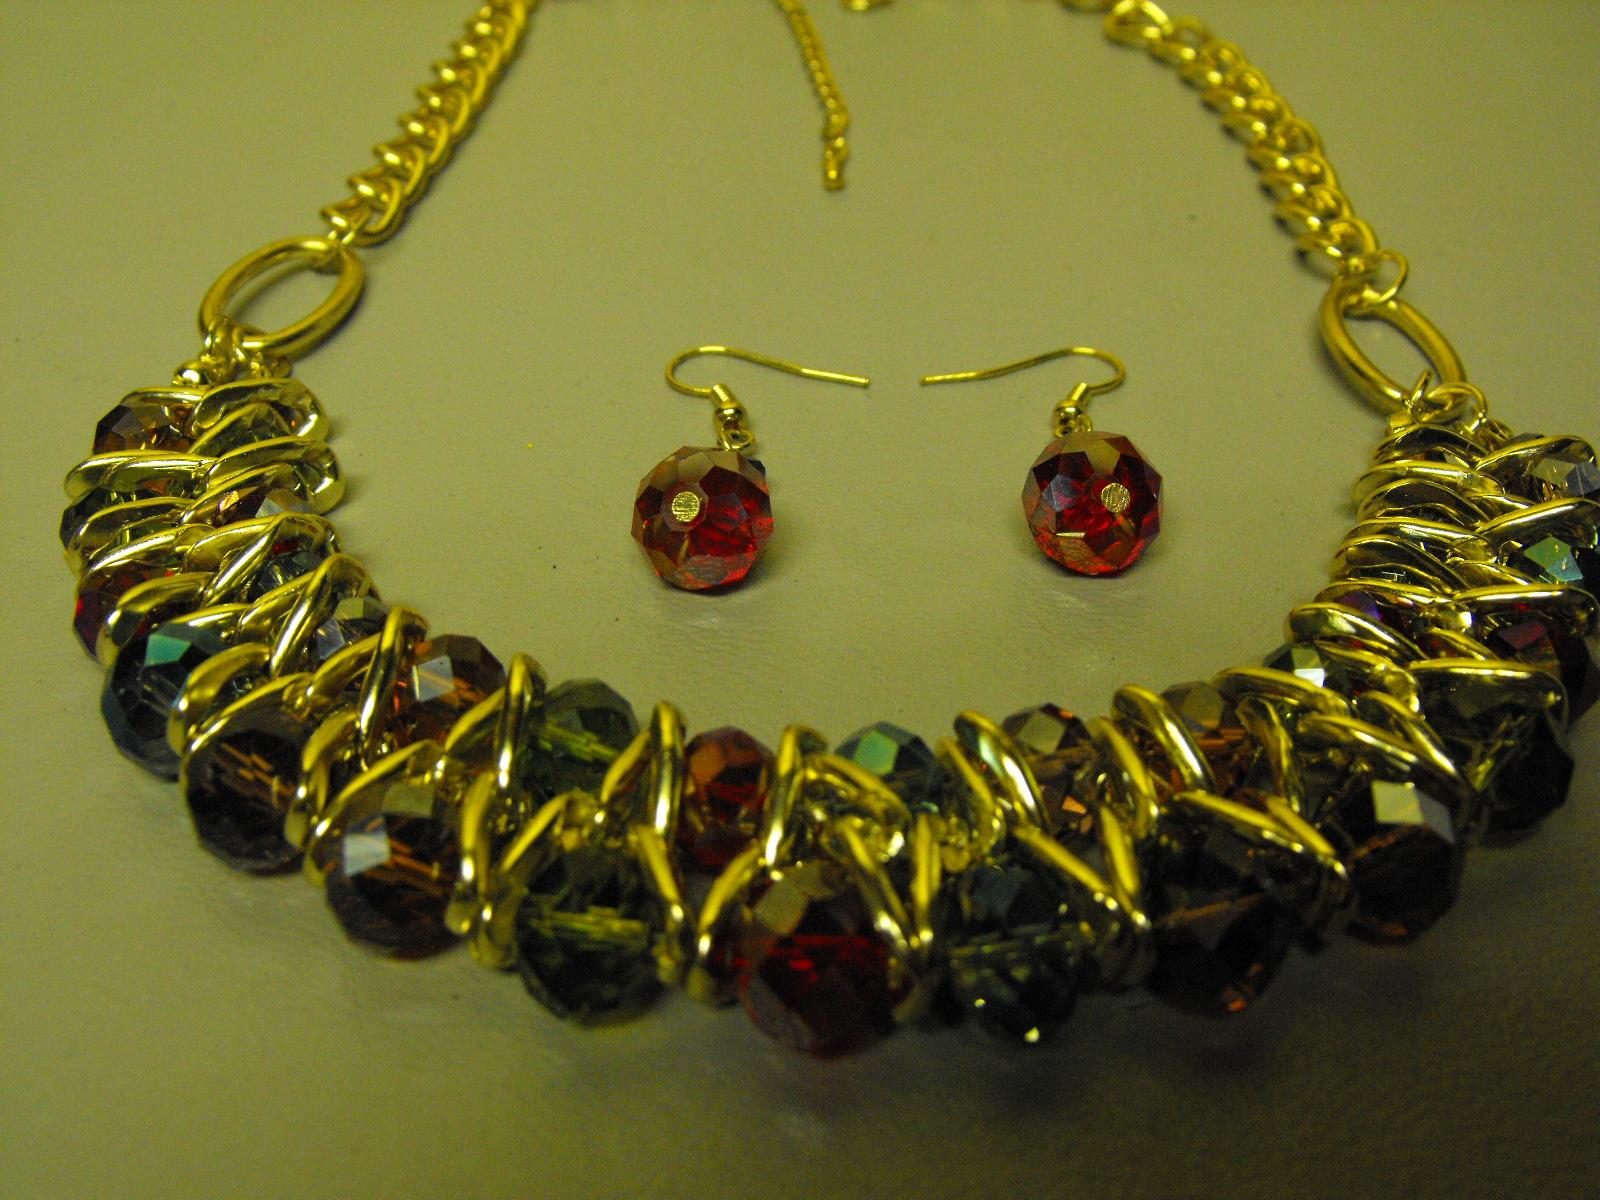 Multi Color Aurora Borealis Crystal Necklace Clive S